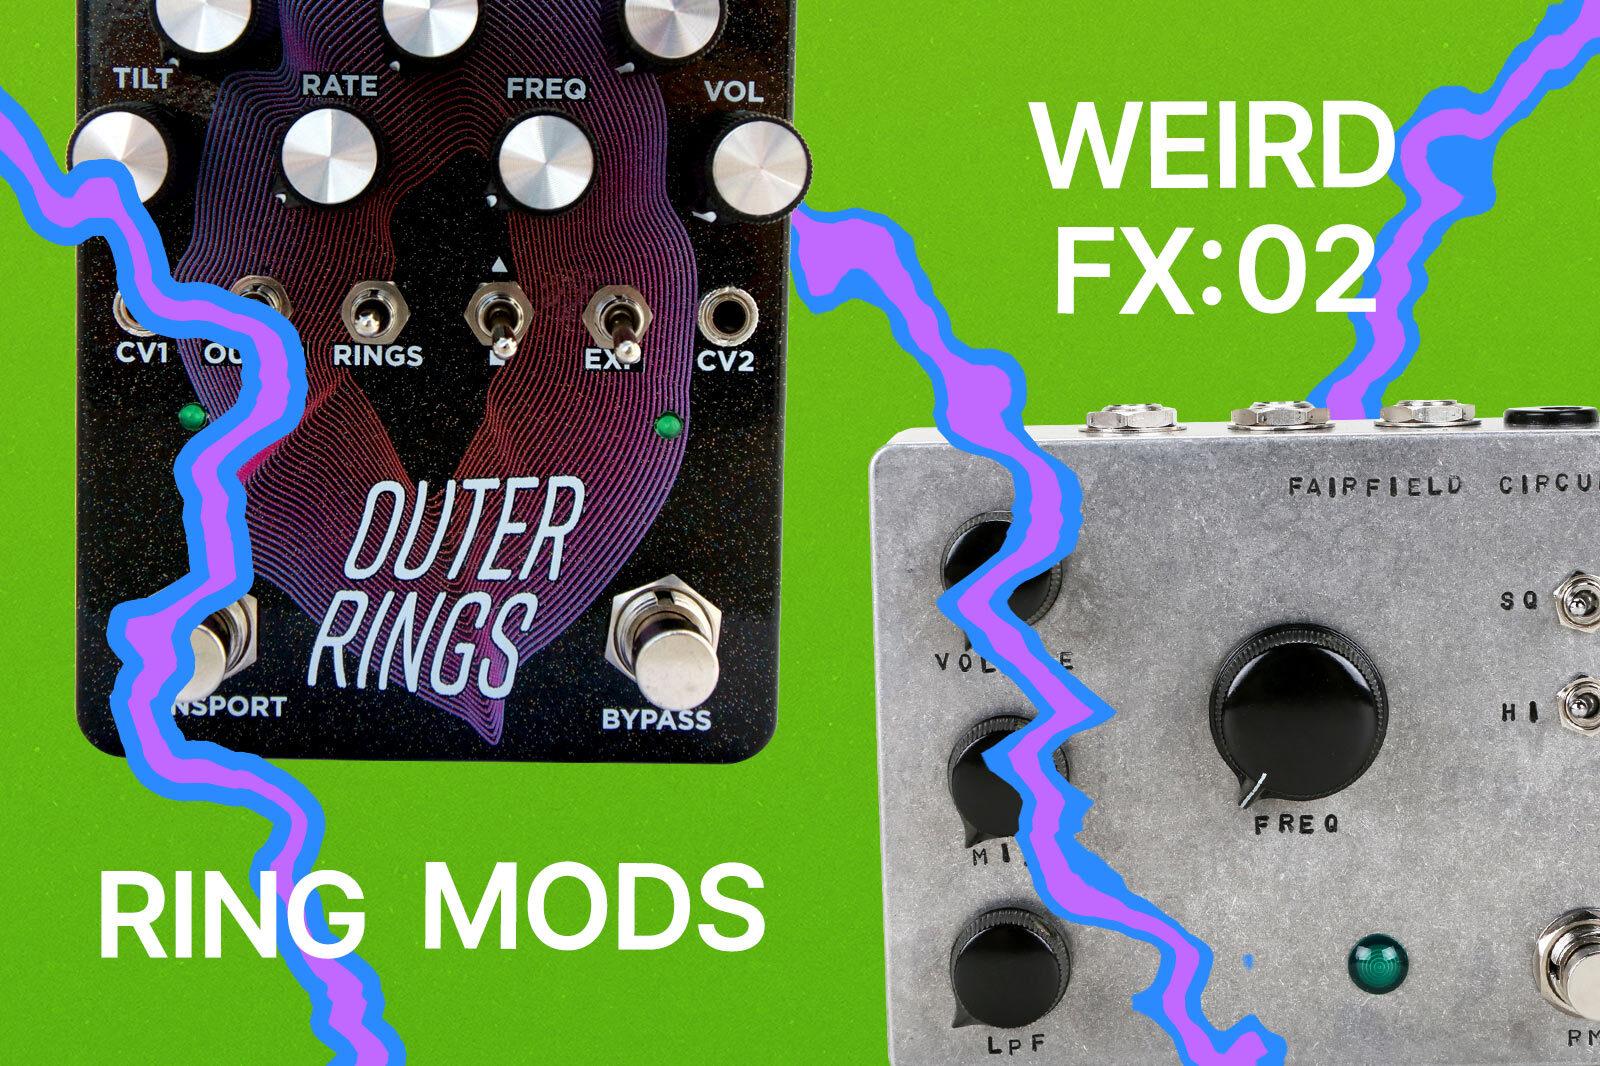 Weird FX: Ring Modulators